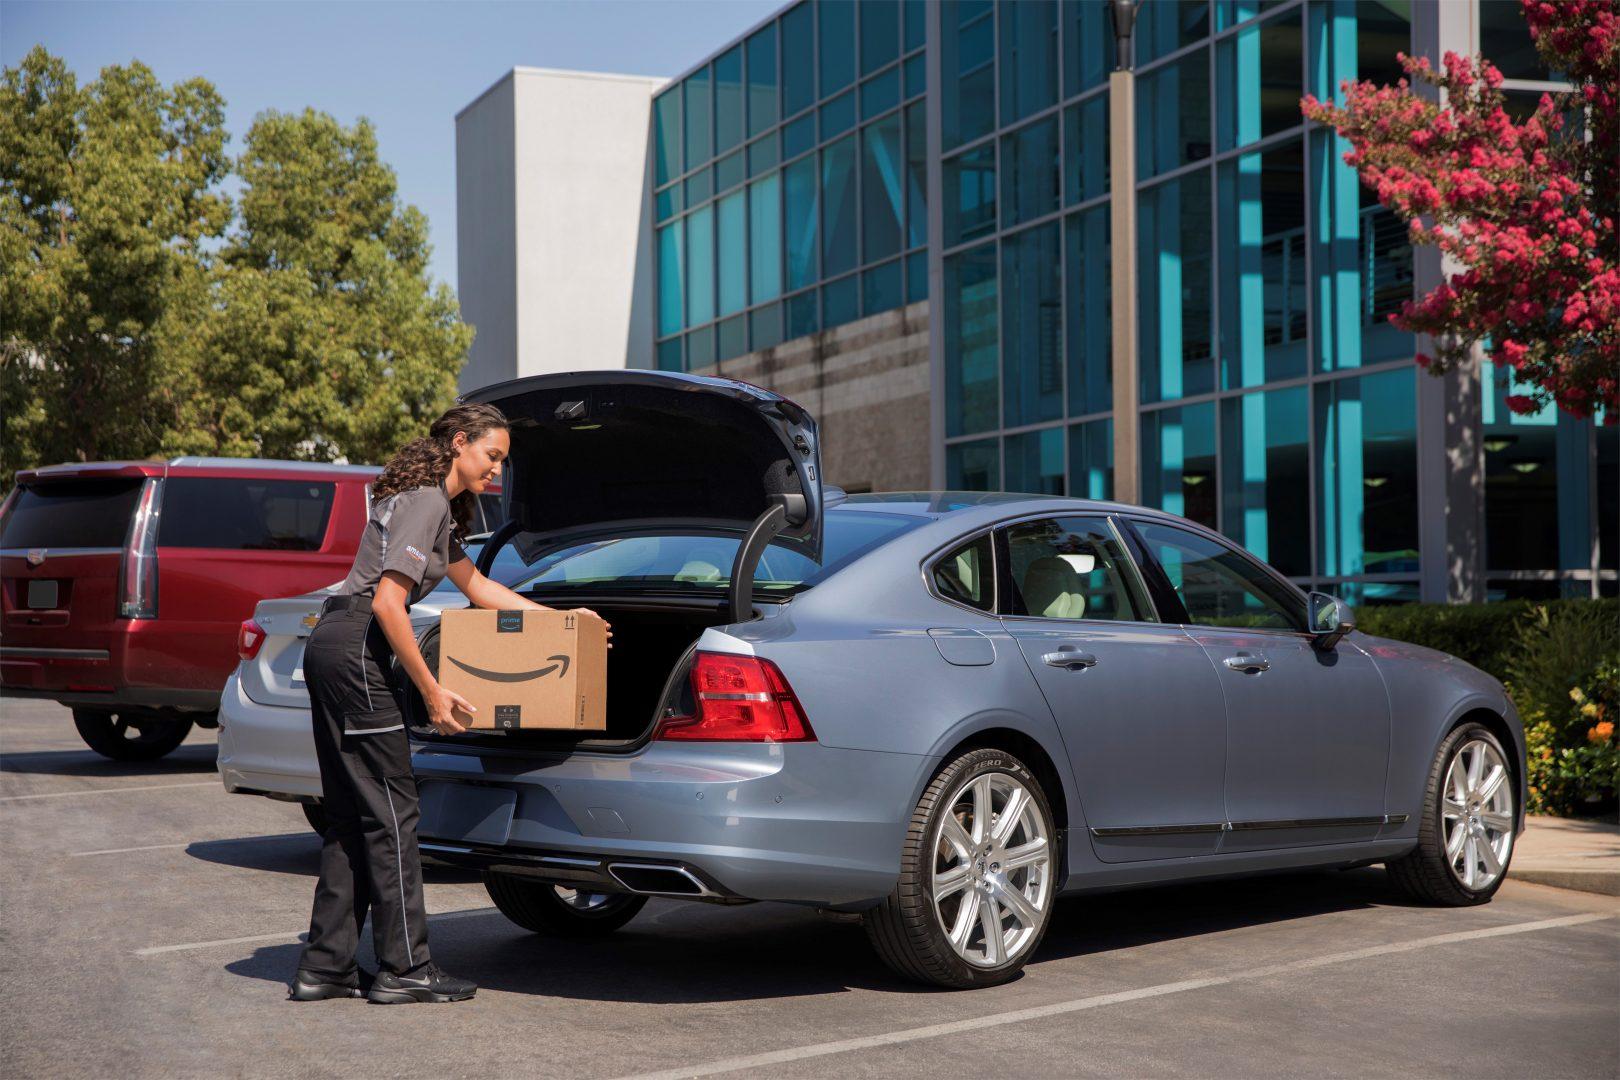 Volvo_Cars_y nuevo servicio Amazon Key